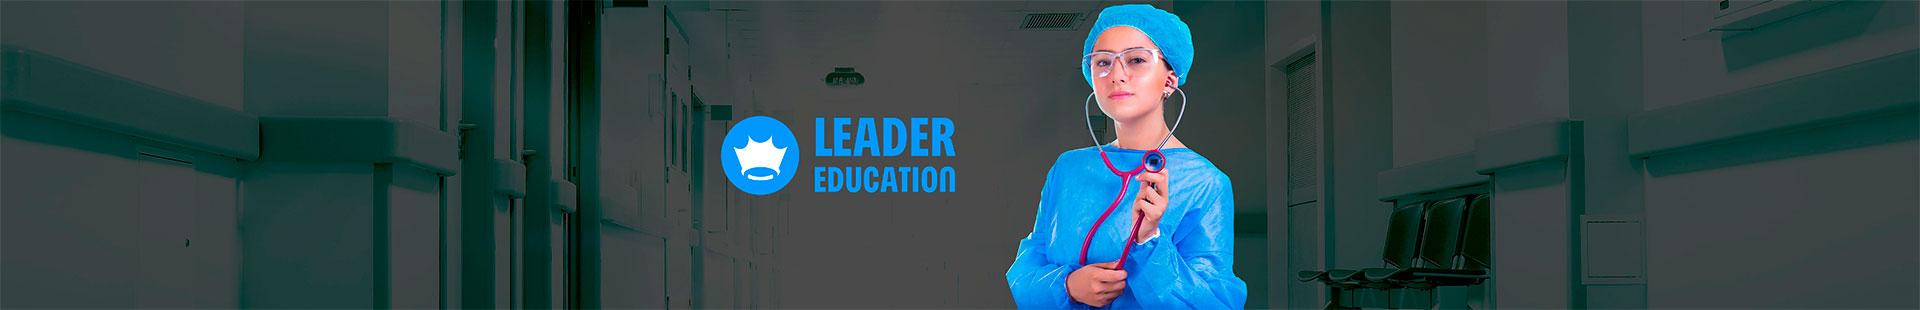 КЕЙС — ПРОДВИЖЕНИЕ КОМПАНИИ LEADER EDUCATION